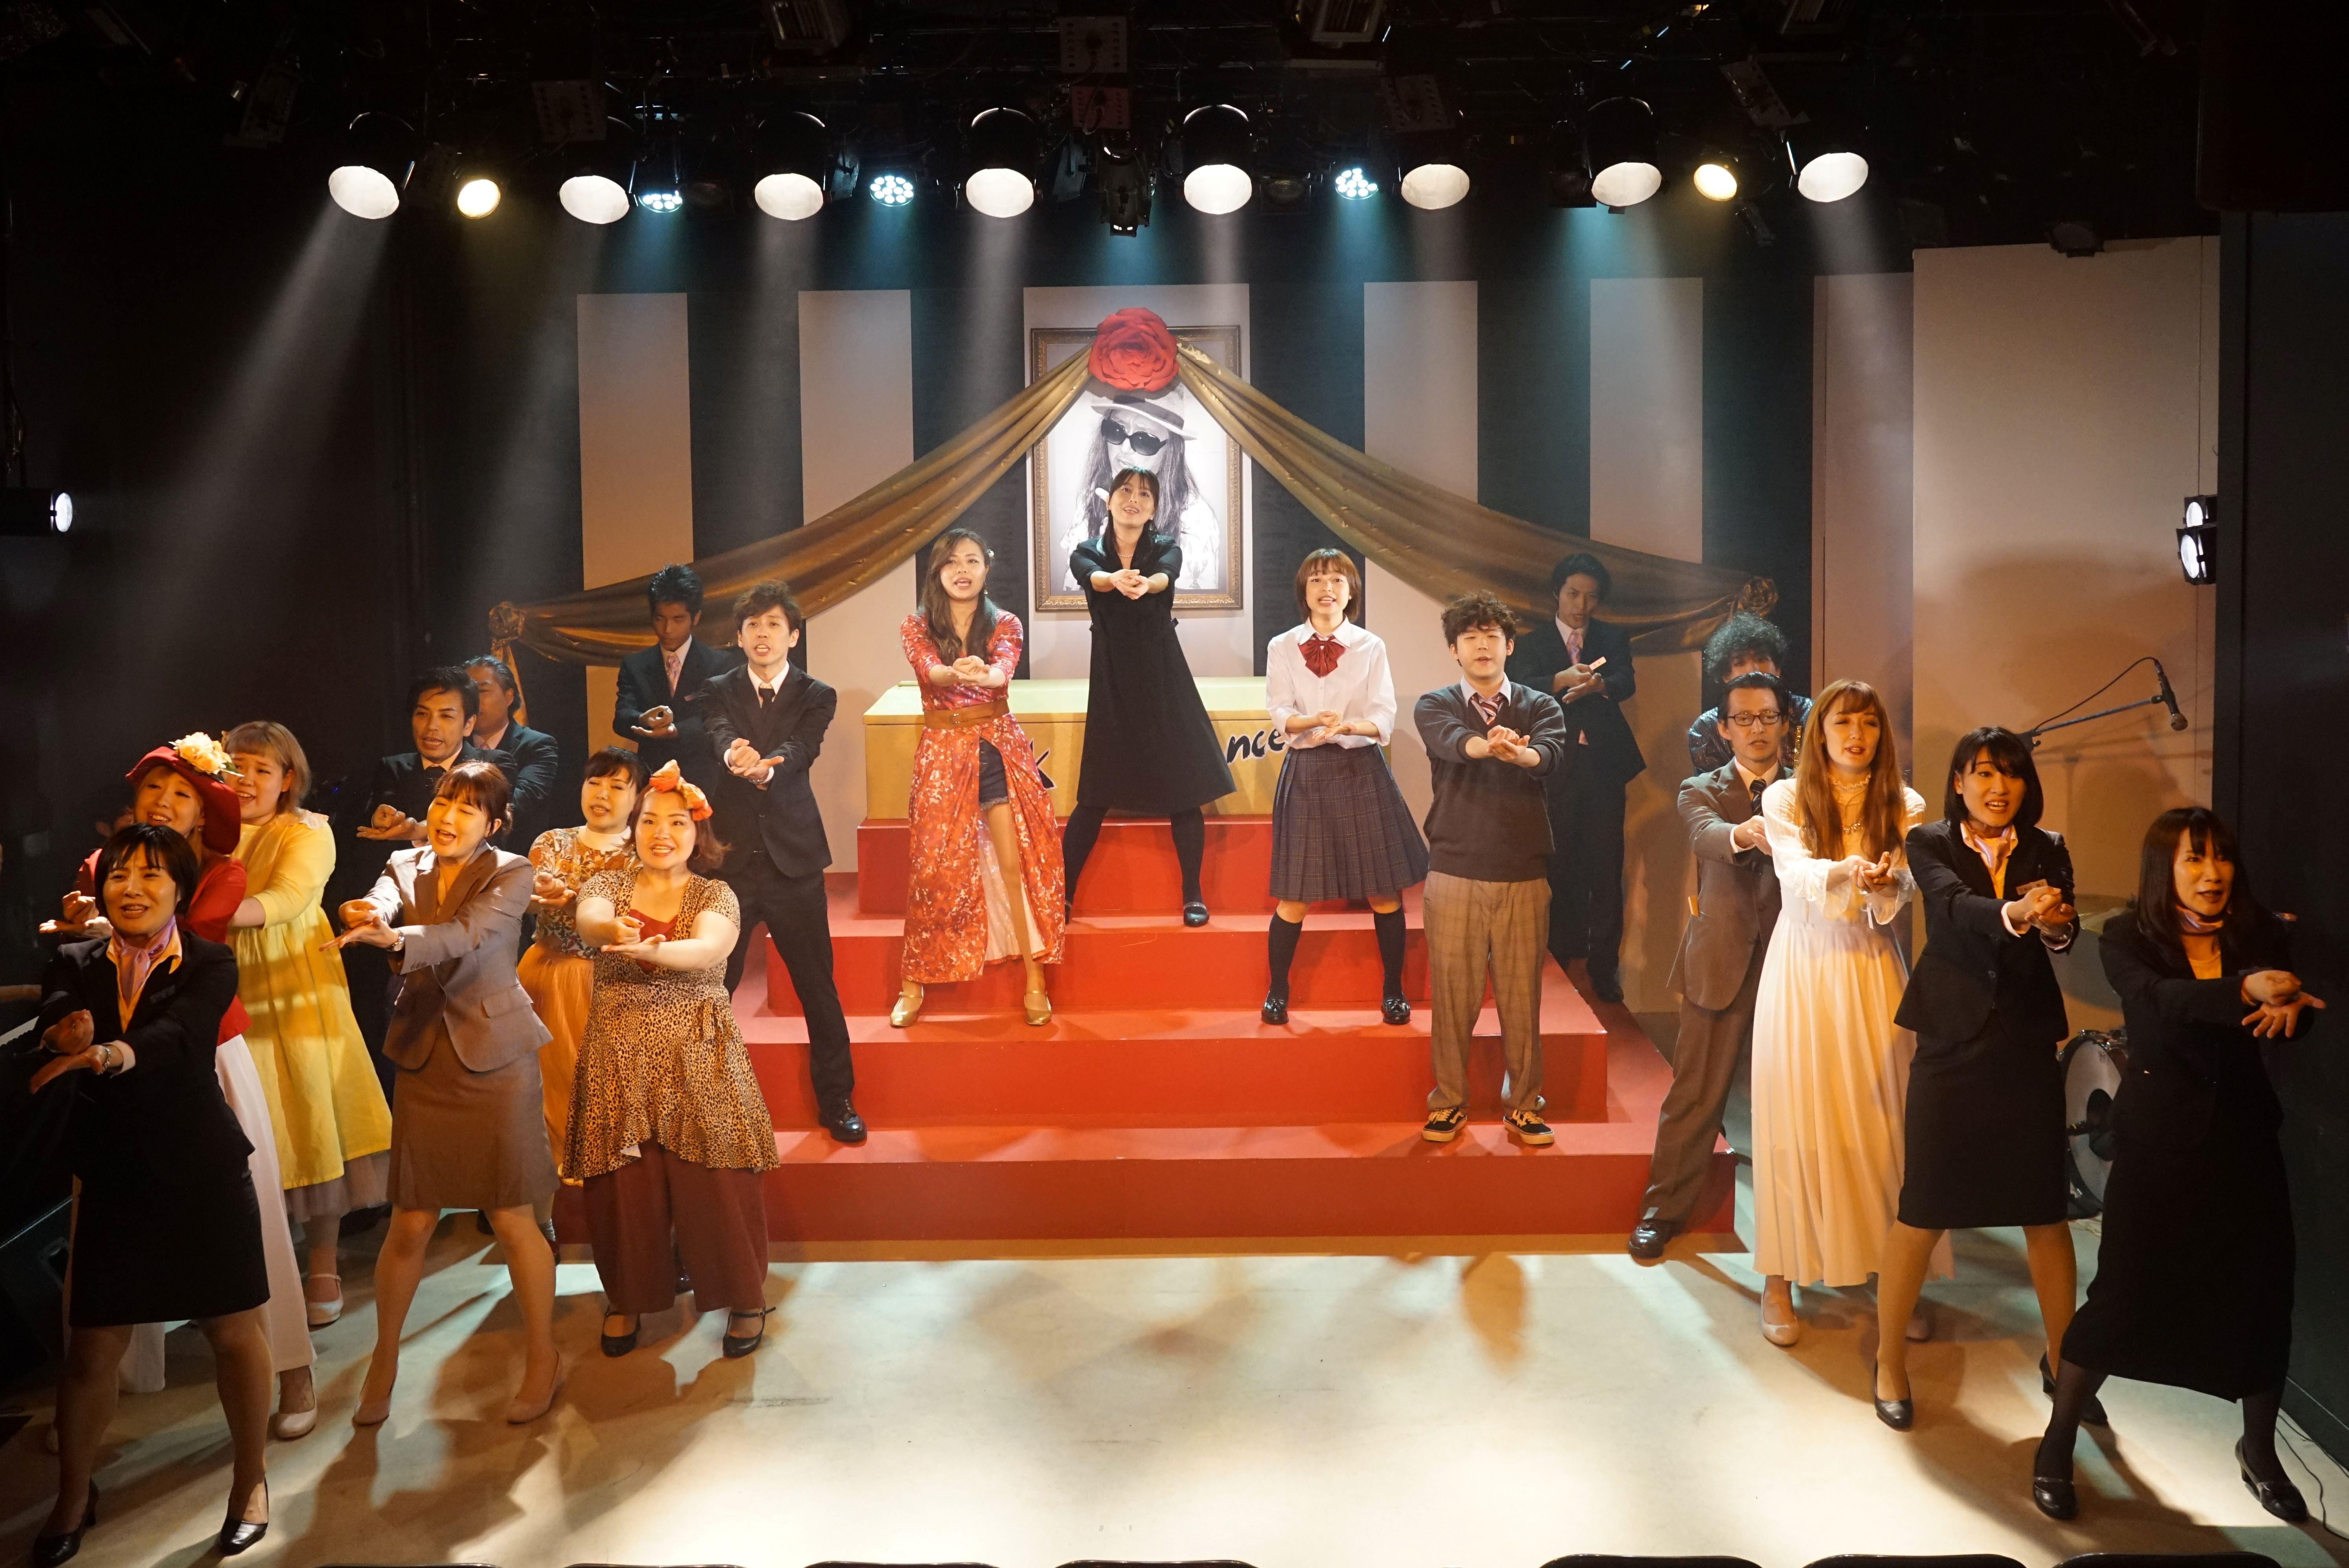 オーディション イマノカゲキ第6回公演 女性主要キャストオーディション 8人の女たちが繰り広げるサスペンスコメディ 主催:イマノカゲキ、カテゴリ:舞台